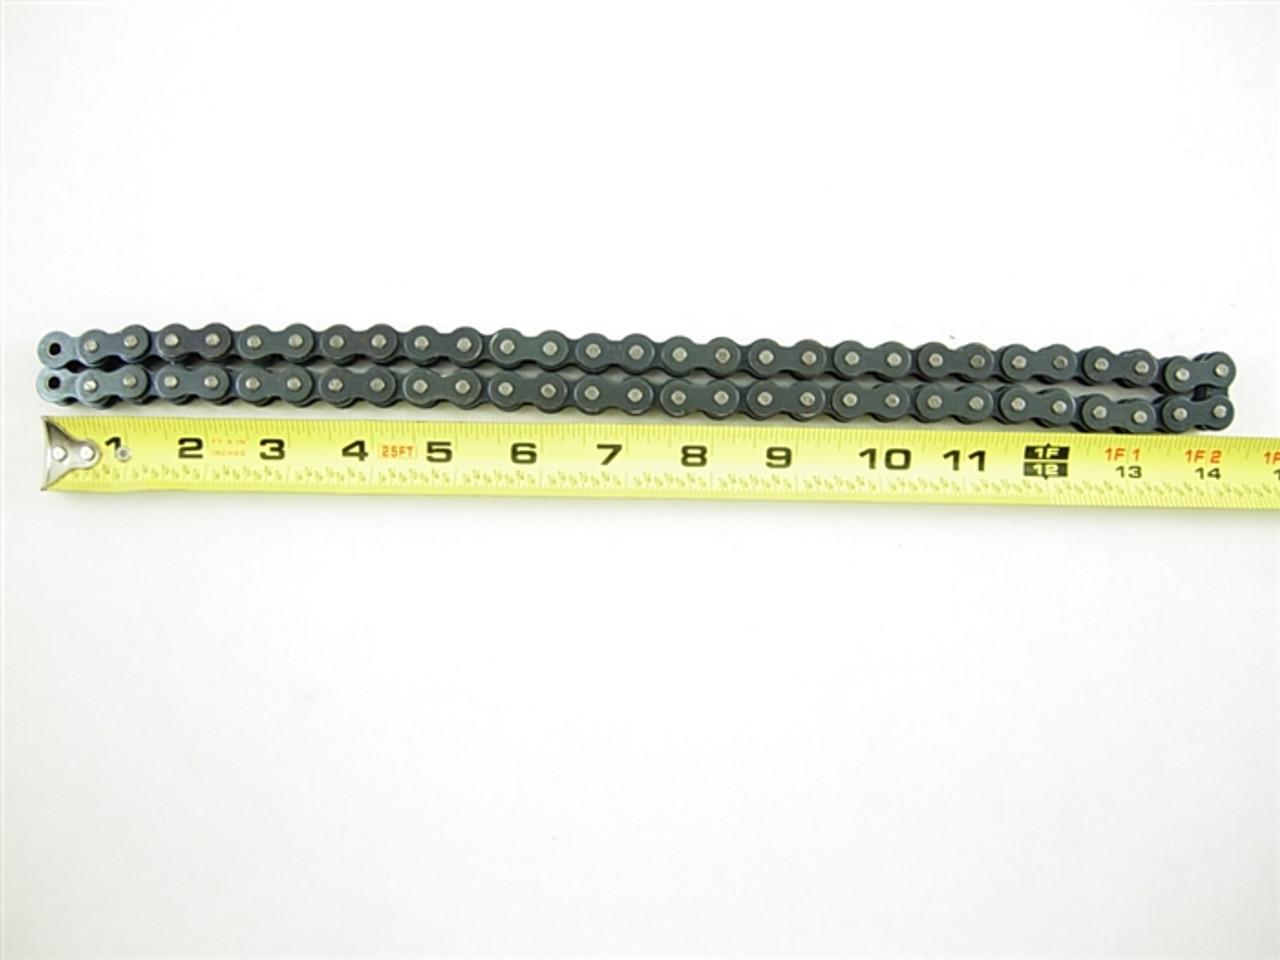 CHAIN 10787-A44-13